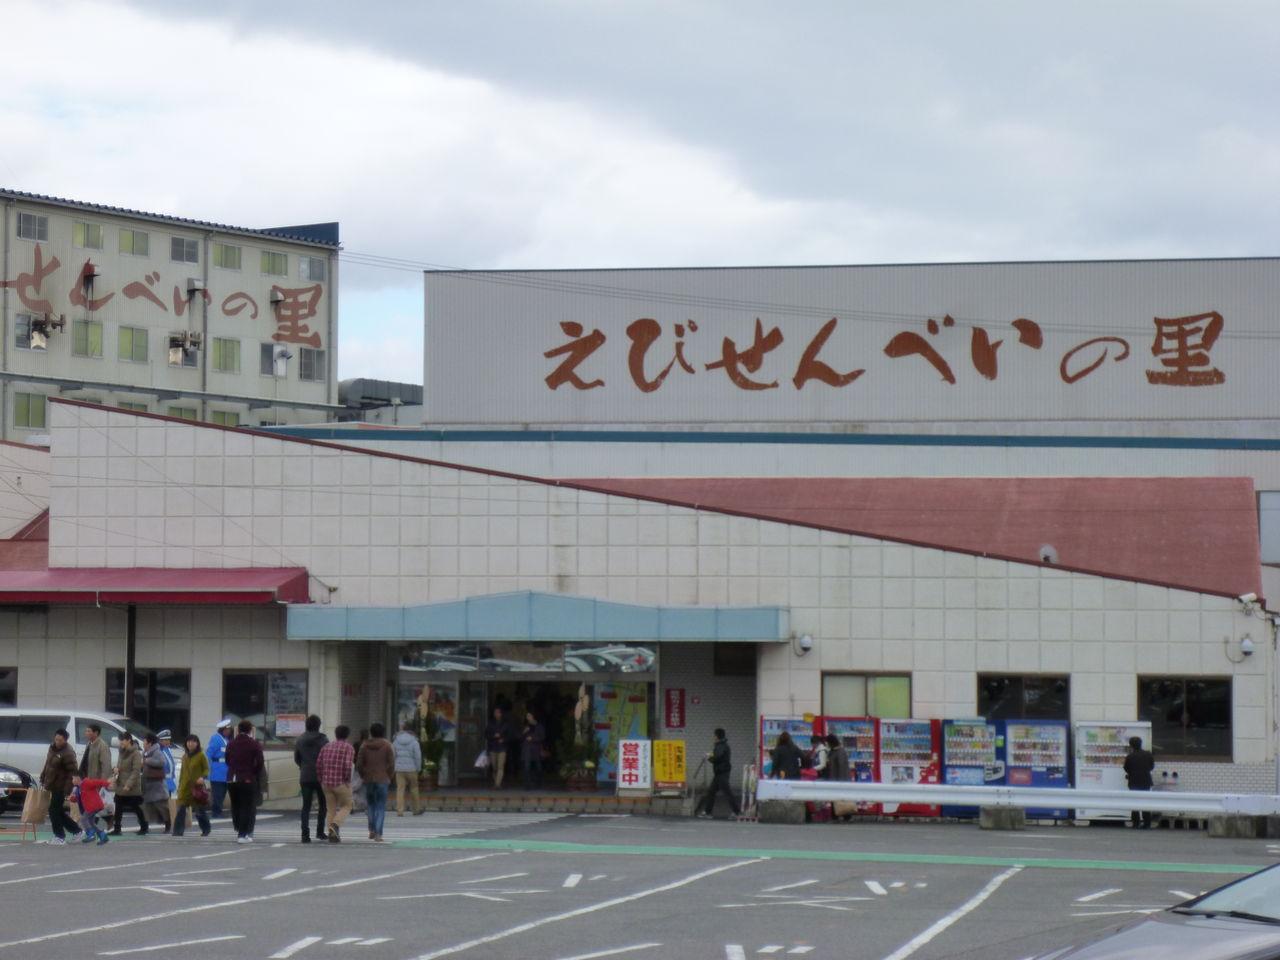 愛知県西部にある「知多半島」の観光スポットおすすめランキング